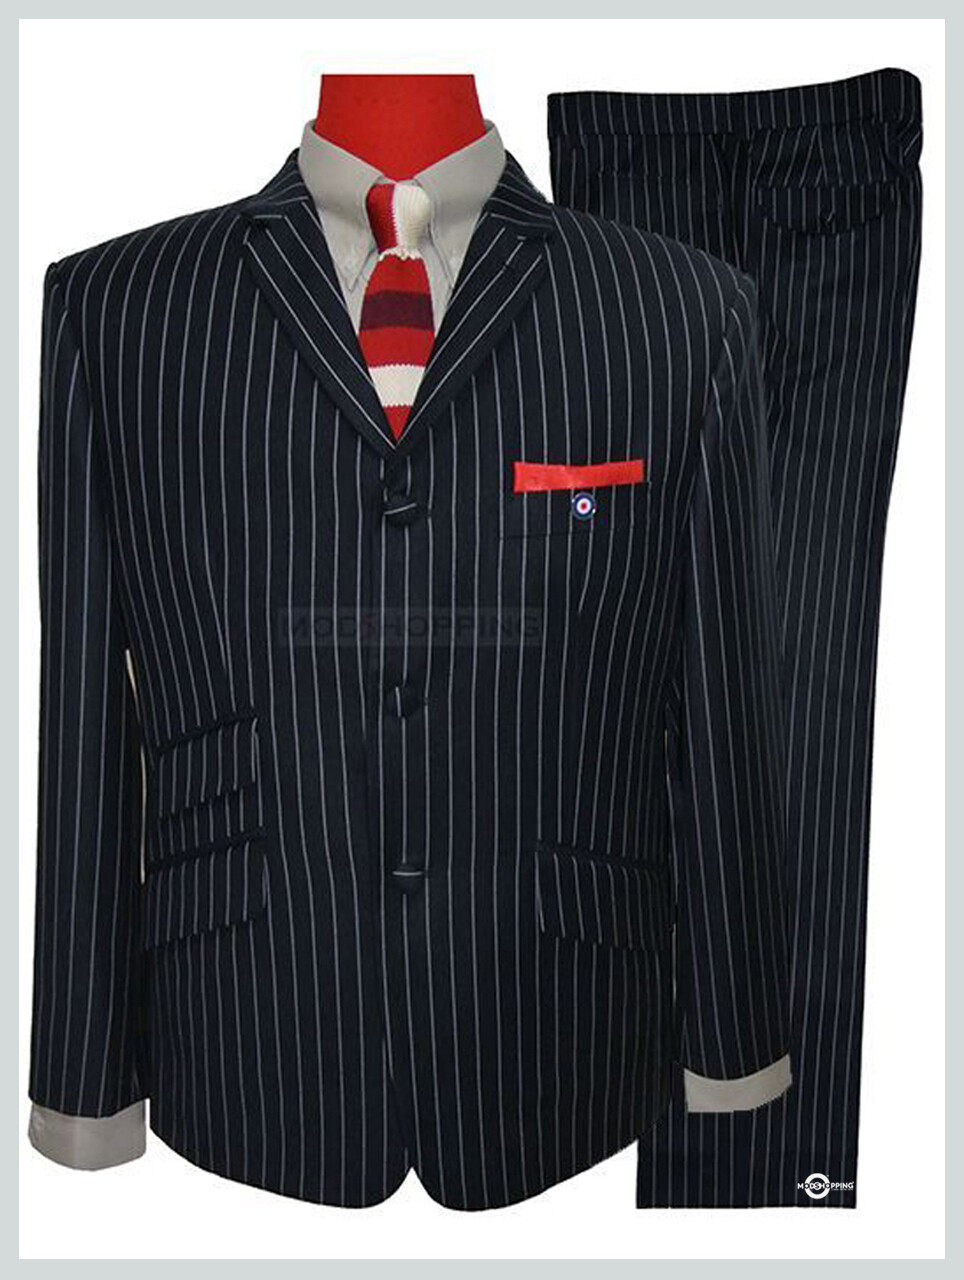 Pinstripe Suit | 60s Fashion Tailored Vintage Mod Suit